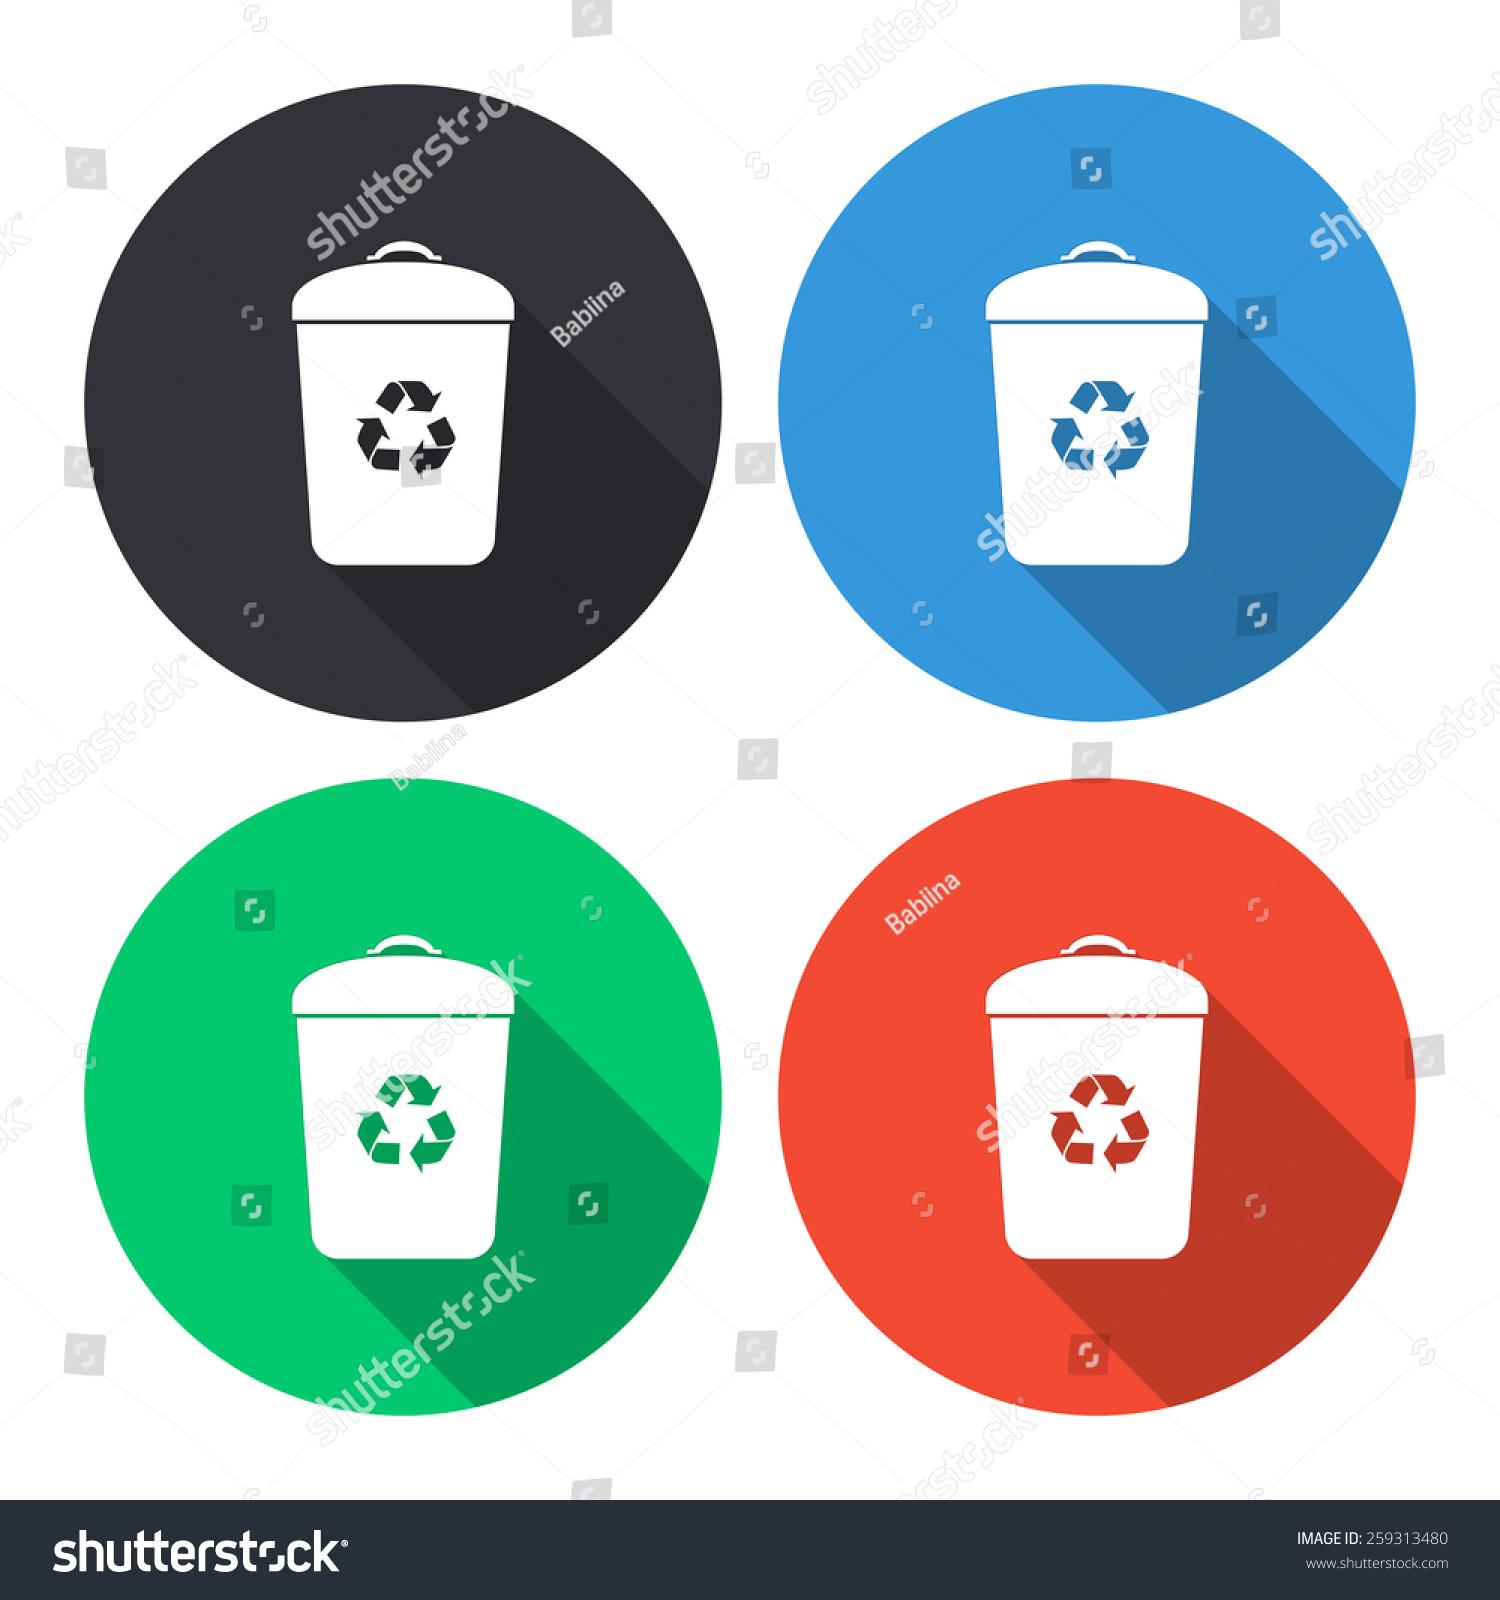 垃圾桶矢量图标-彩色